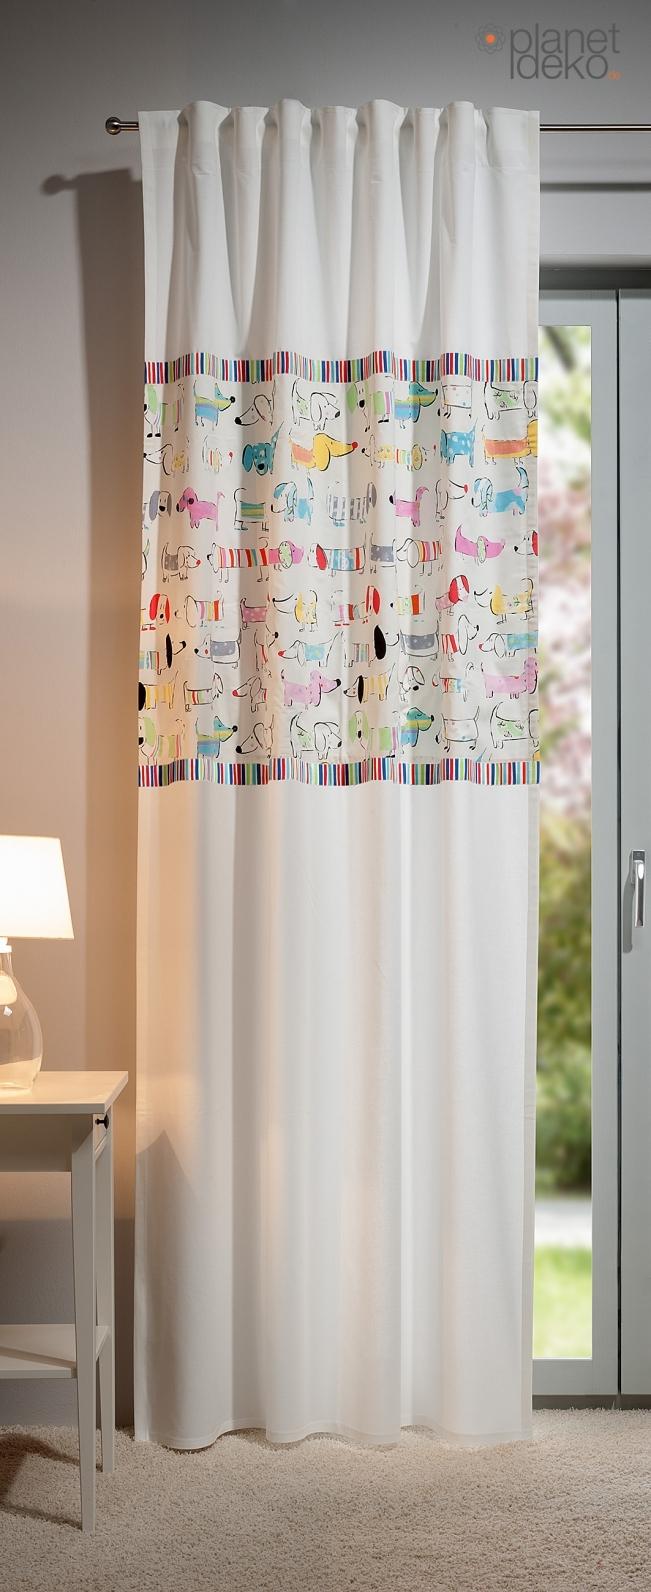 Fertigschals mit schlaufenband for Kinderzimmer fensterdeko